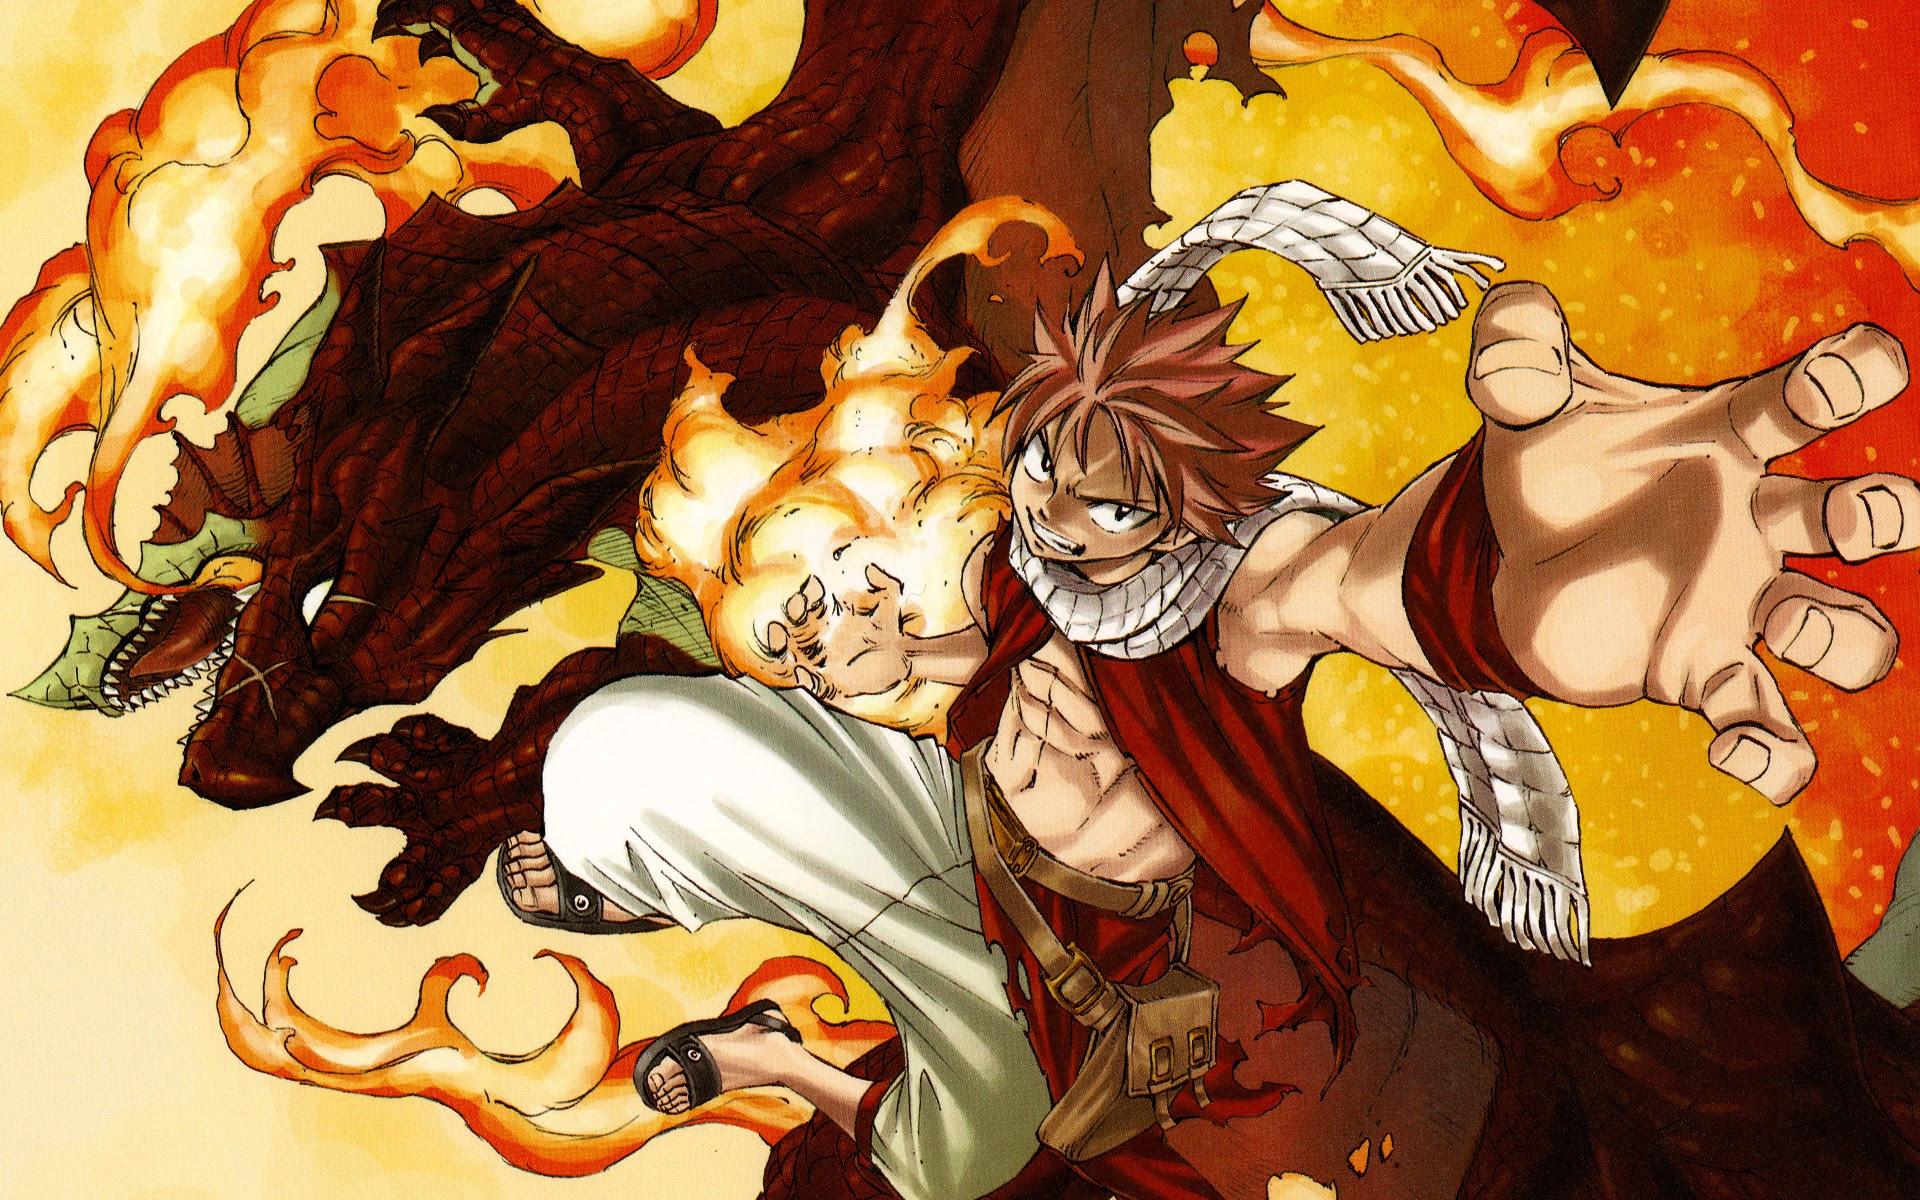 Fairy Tail Natsu Wallpaper - WallpaperSafari Chibi Fairy Tail Natsu